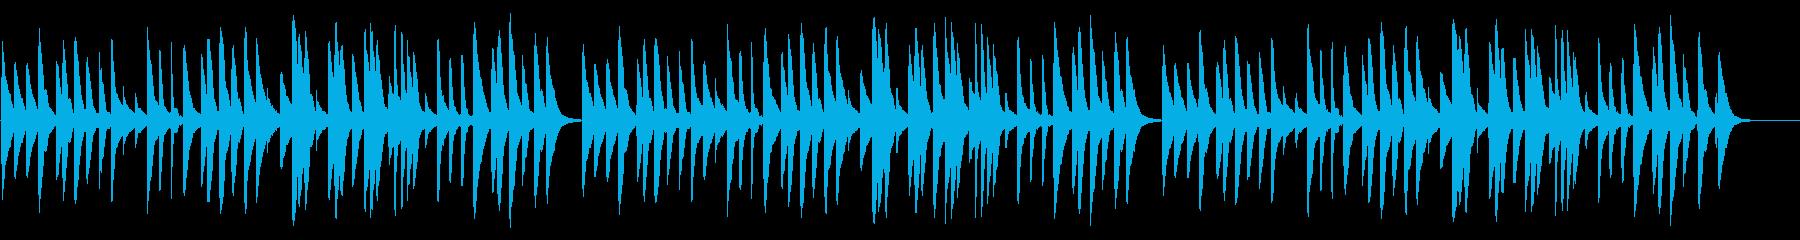 ふるさと 18弁オルゴールの再生済みの波形